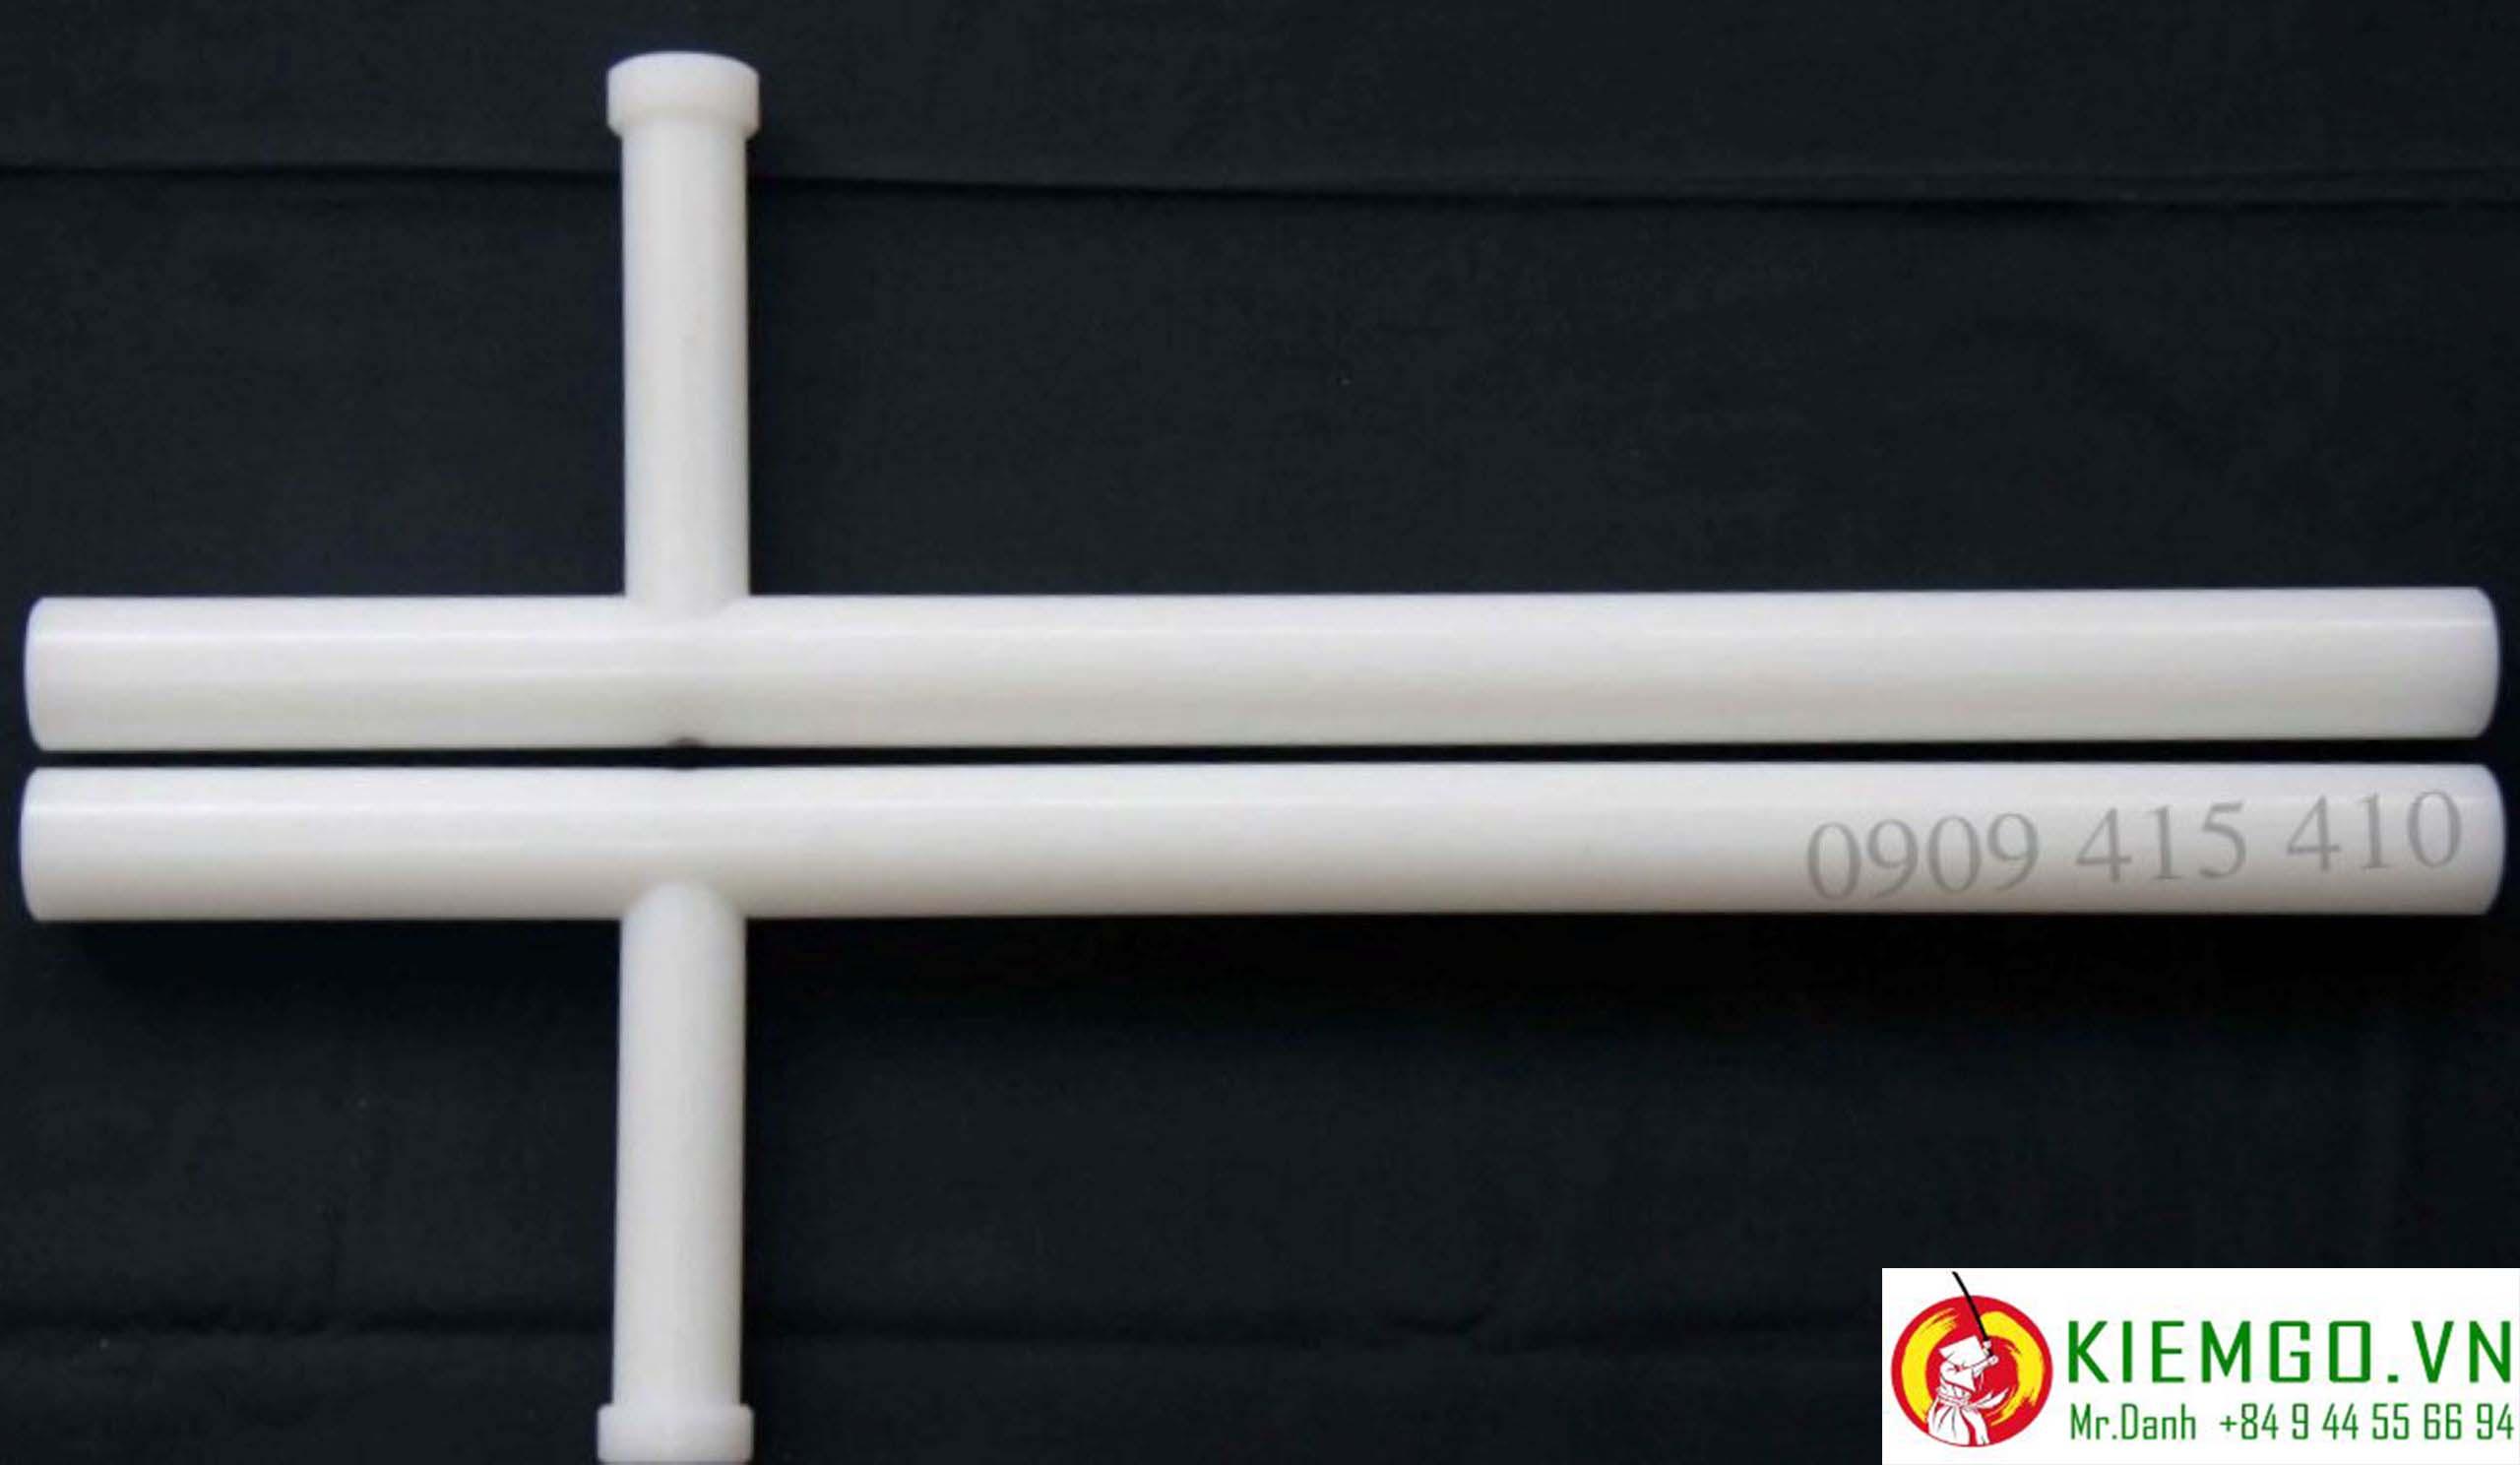 tonfa-nhua-sieu-ben được chế tác từ nhựa tinh thế, rất dẽo dai và bền va chạm, trọng lượng vừa phải, độ cân bằng tốt, rất đáng để anh em chọn lựa dùng cho tập luyện freestyles và thực chiến